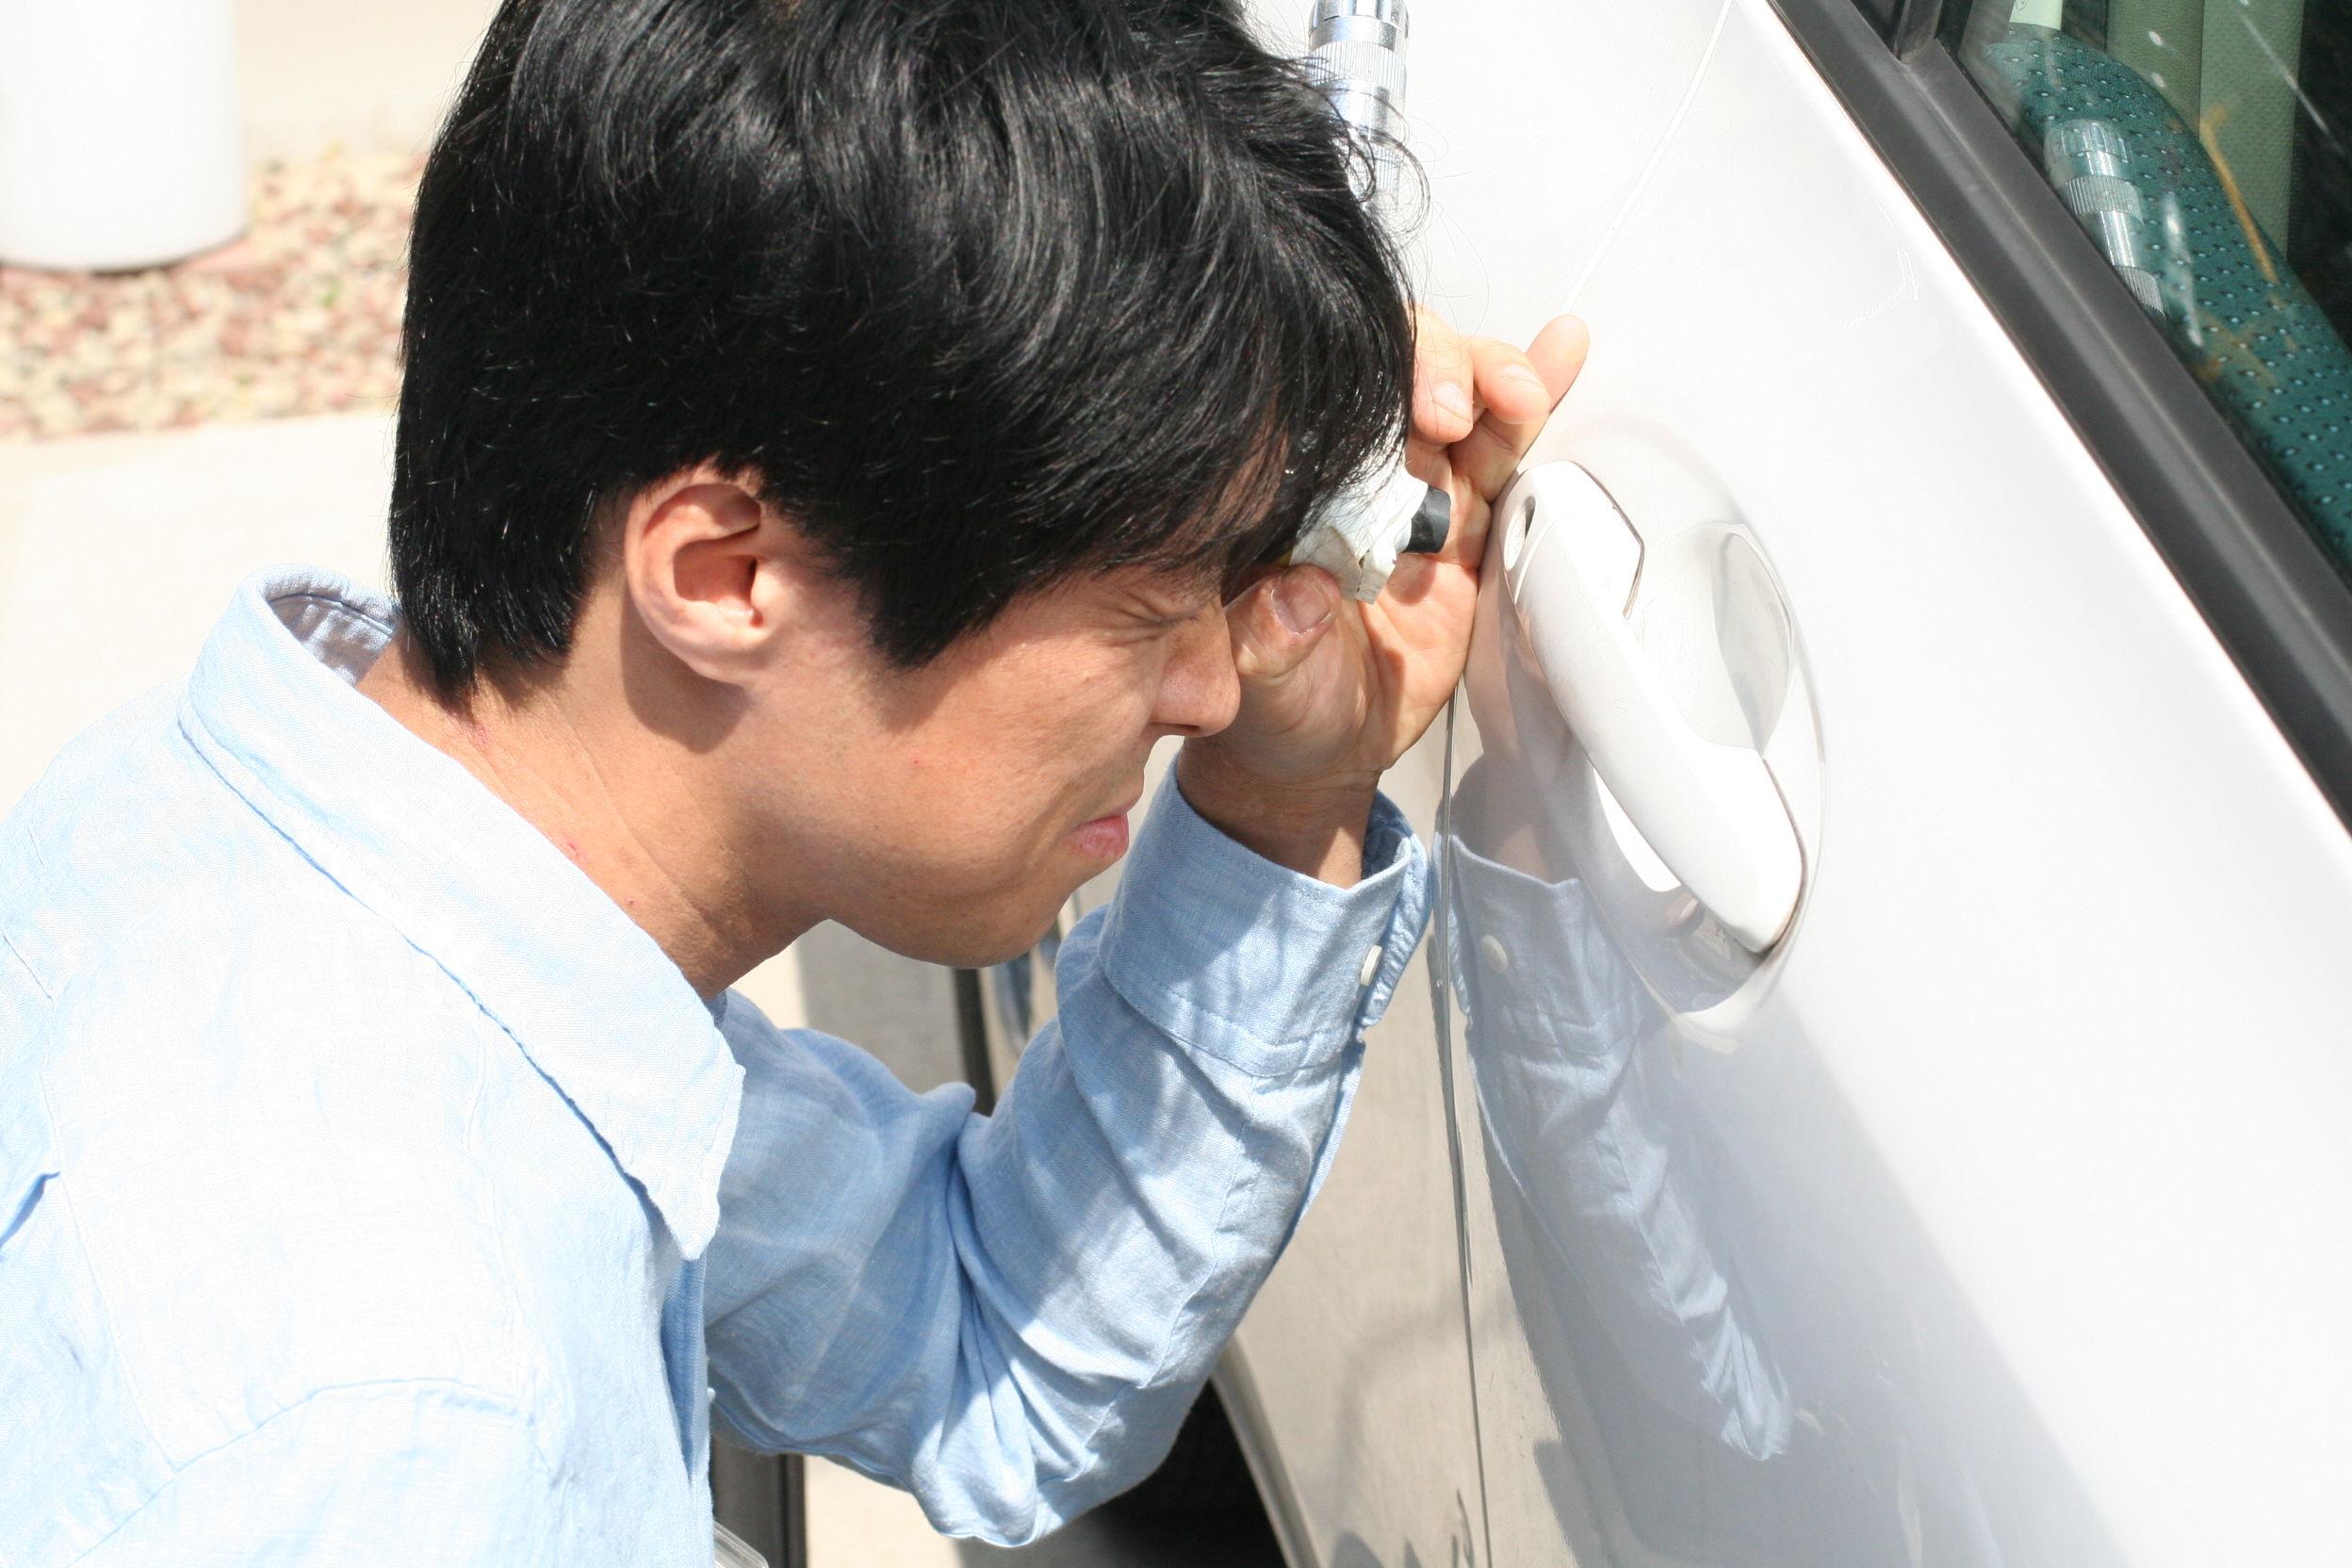 カギのトラブル救Q隊.24【筑西市 出張エリア】のメイン画像